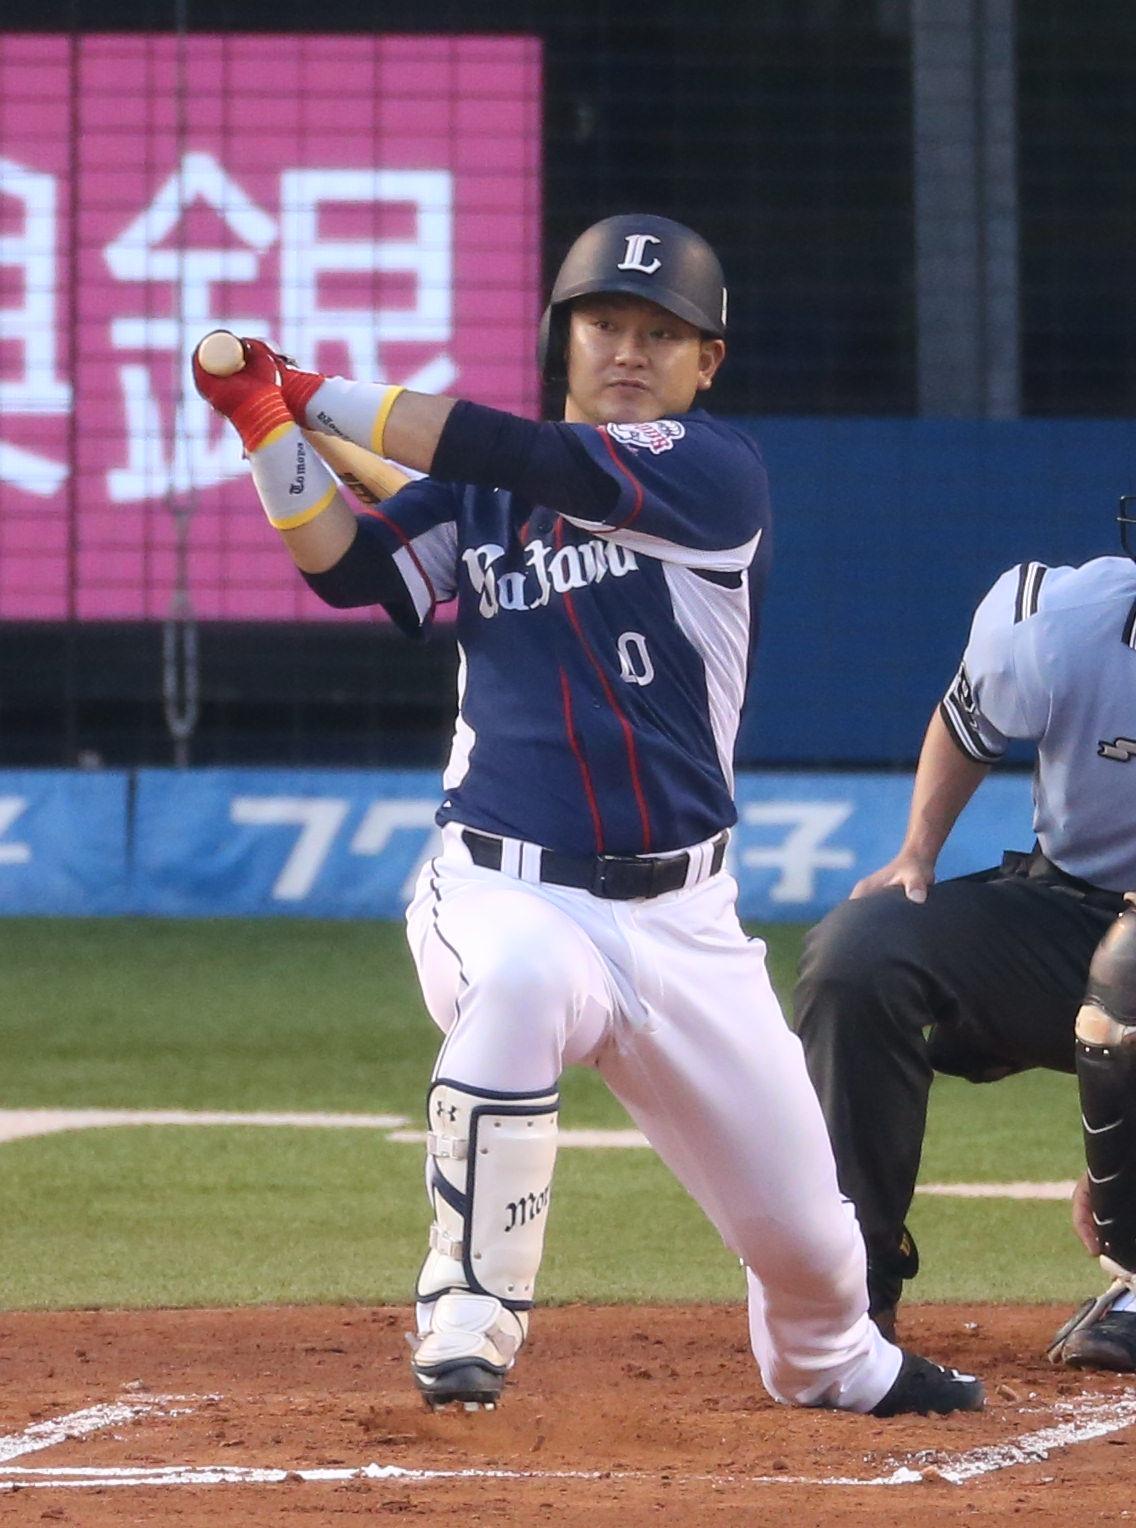 《『野球太郎』バックナンバーで答え合わせ》2013年の「ドラフト特集」で占った森友哉の未来像は!?